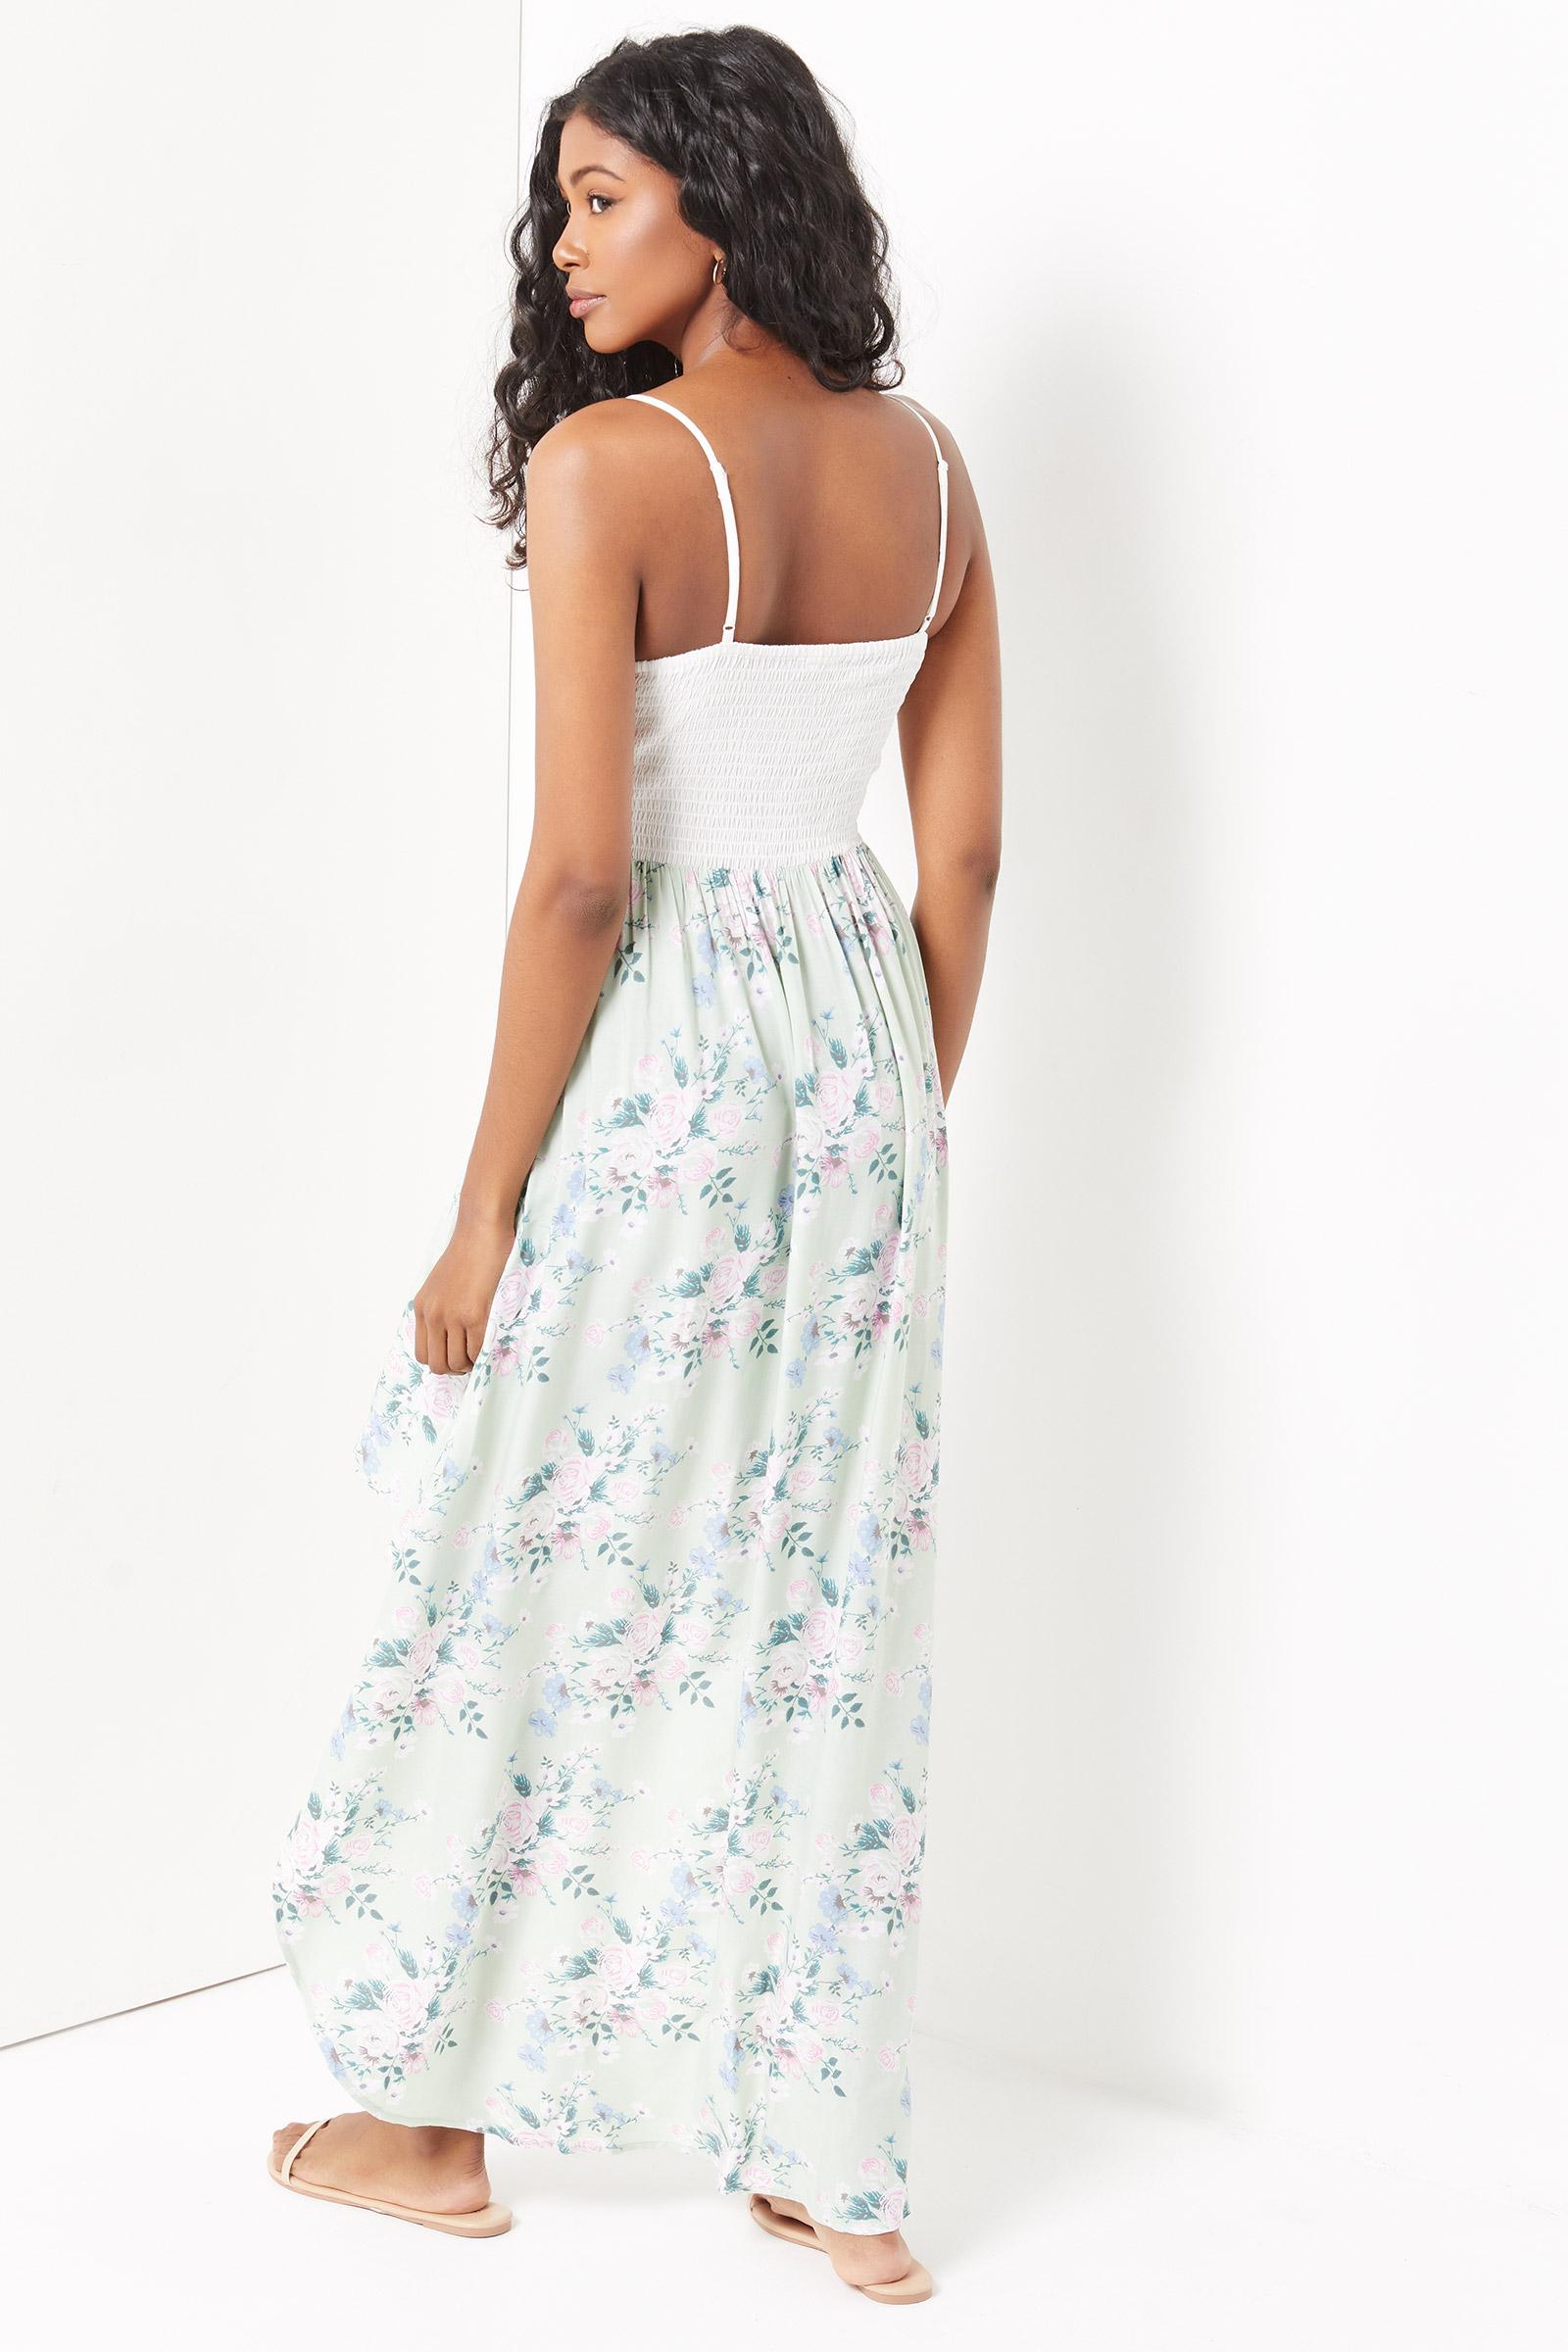 Lace Floral Mini Dress